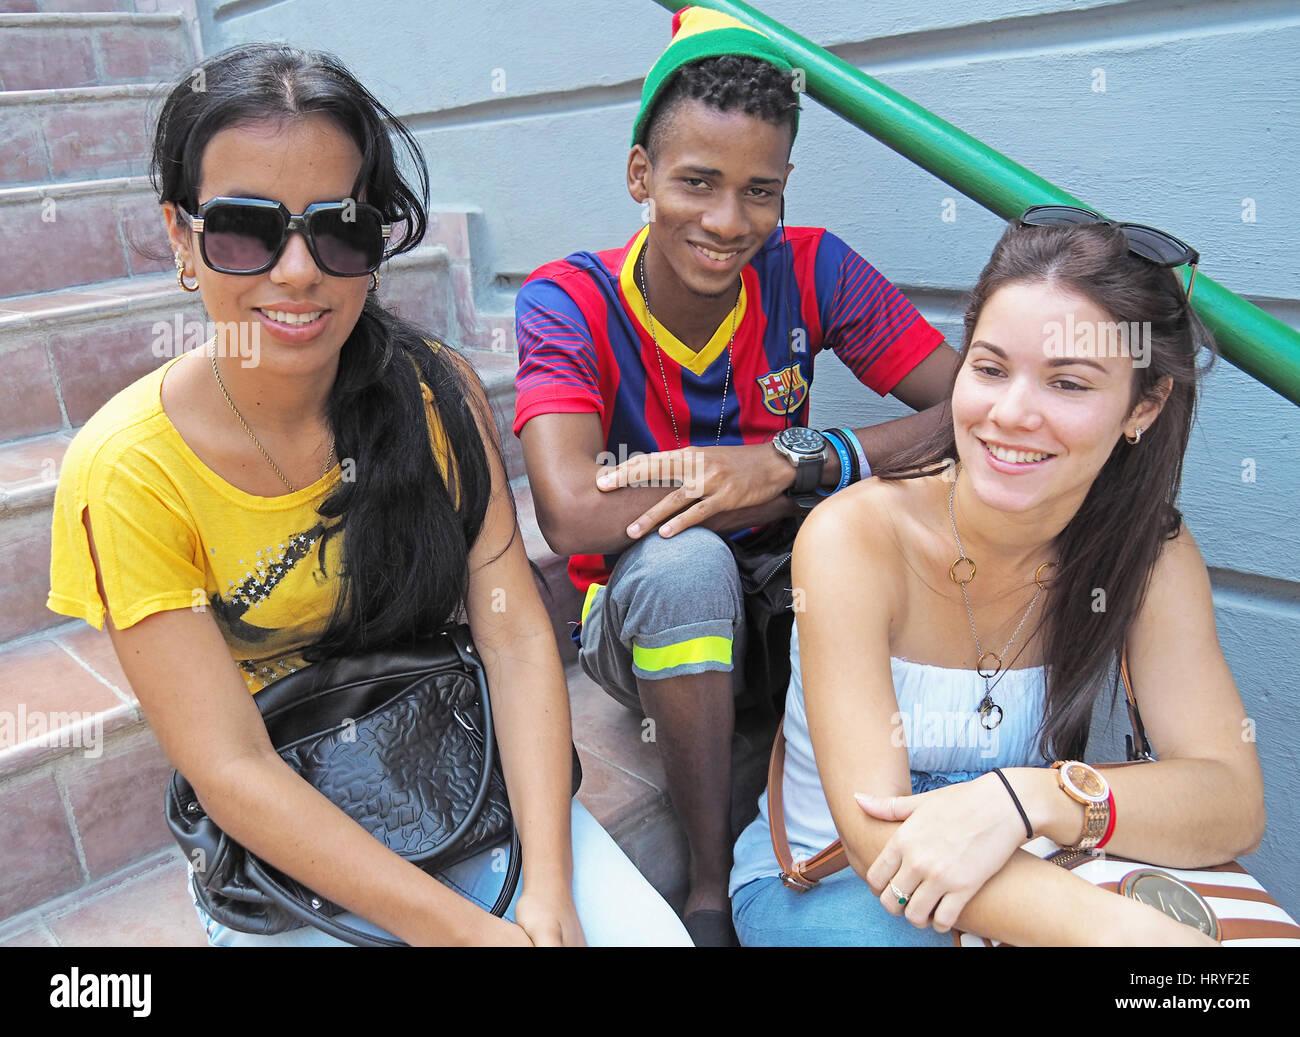 Rassisch verschiedenen kubanischen Jugend in Santiago De Cuba. Stockbild